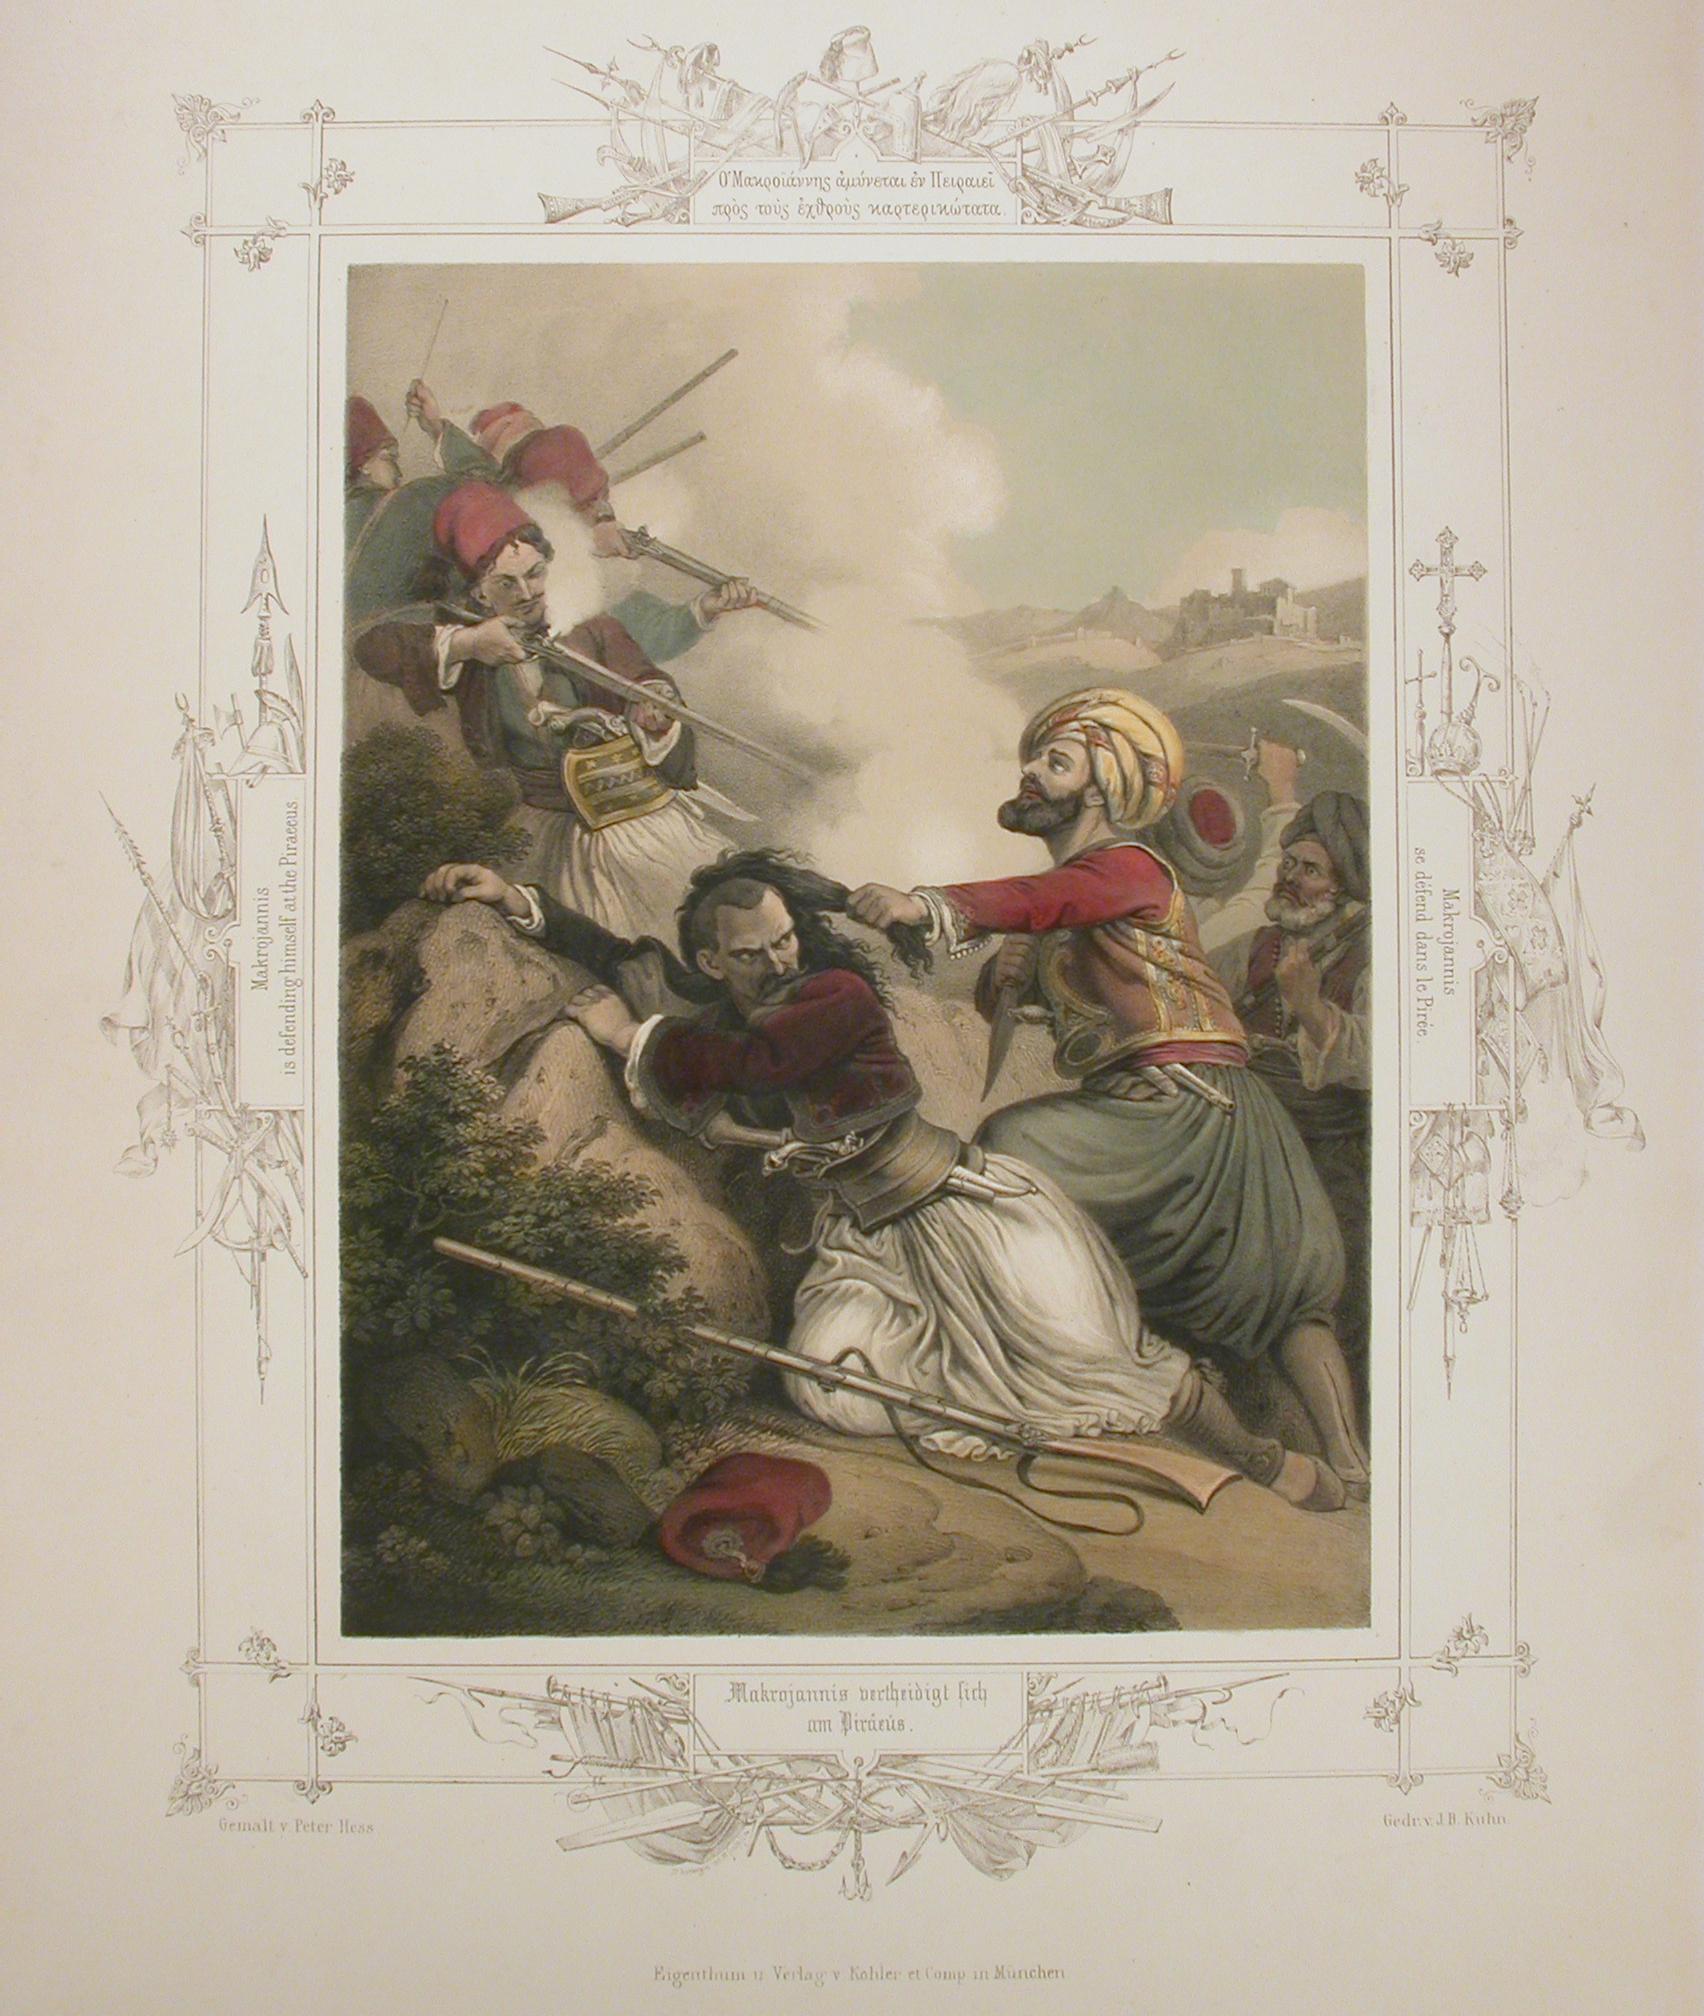 oi-zografoi-poy-ezisan-apo-konta-tin-epanastasi-kai-eftiaxan-ta-portreta-ton-agoniston-toy-1821-eikones1